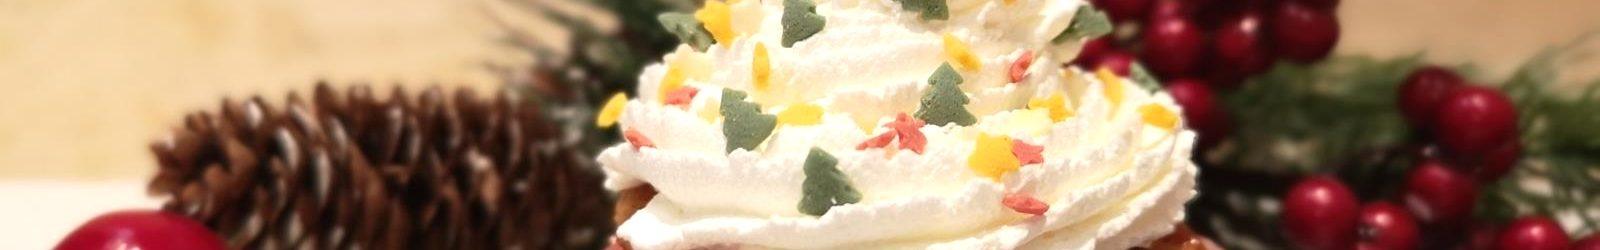 Cupcakes natalizi al cioccolato bianco, profumati con zenzero e cannella la ricetta